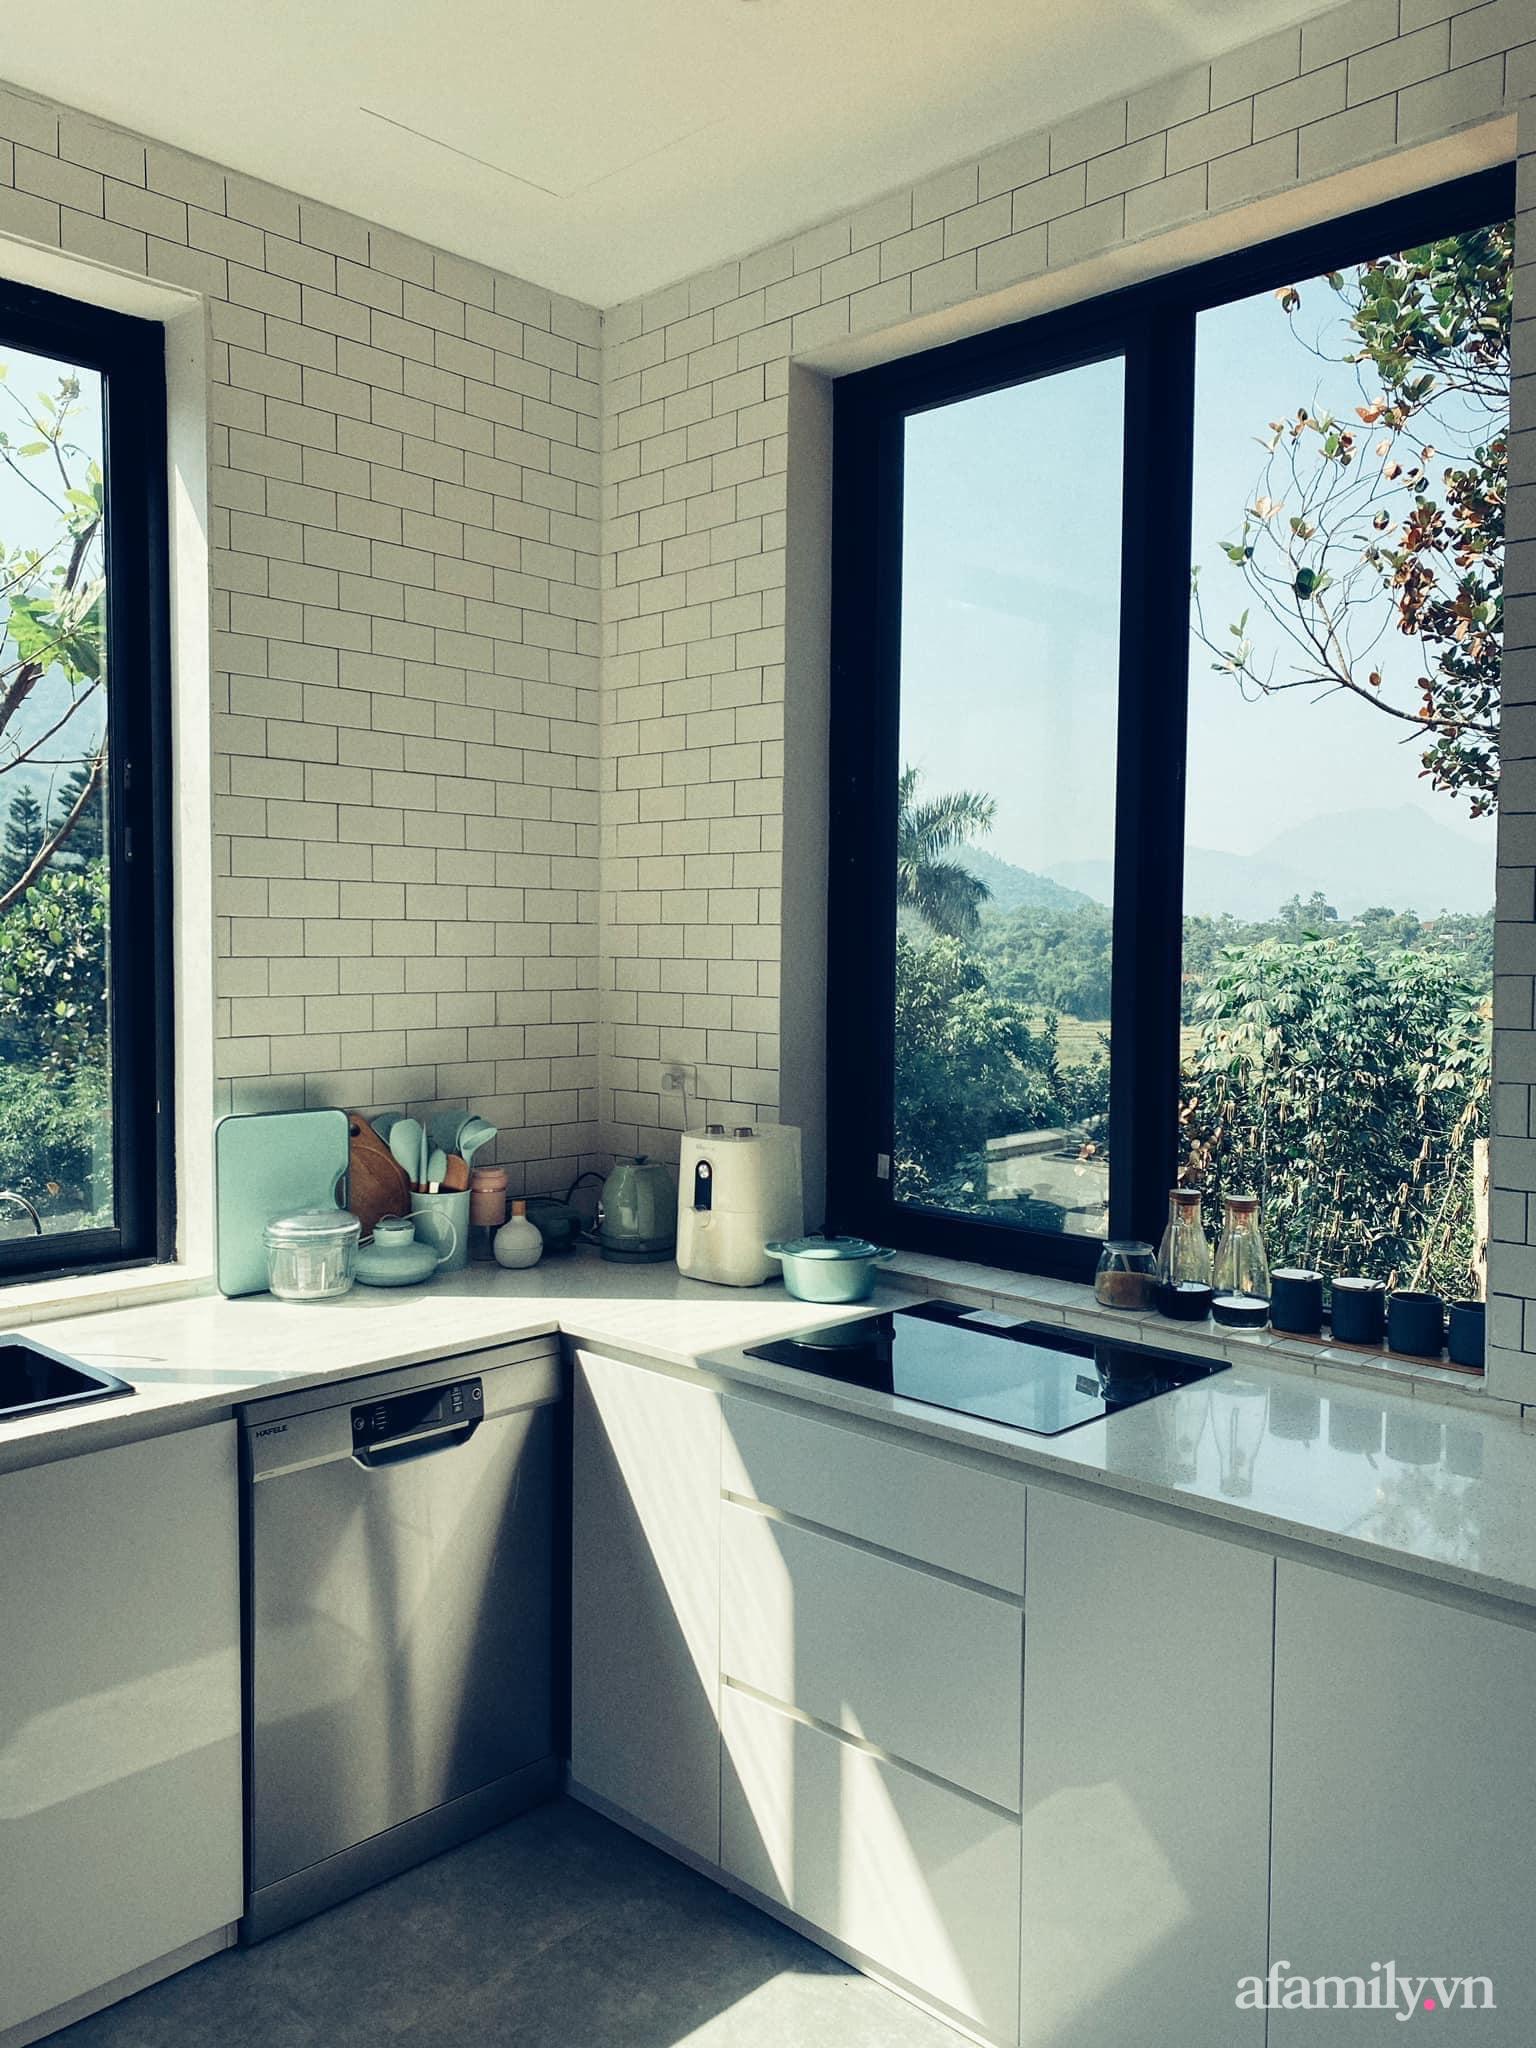 Căn nhà vườn trên núi đẹp an yên, tĩnh lặng với những xanh tươi đẹp đẽ ở ngoại thành Hà Nội - Ảnh 13.